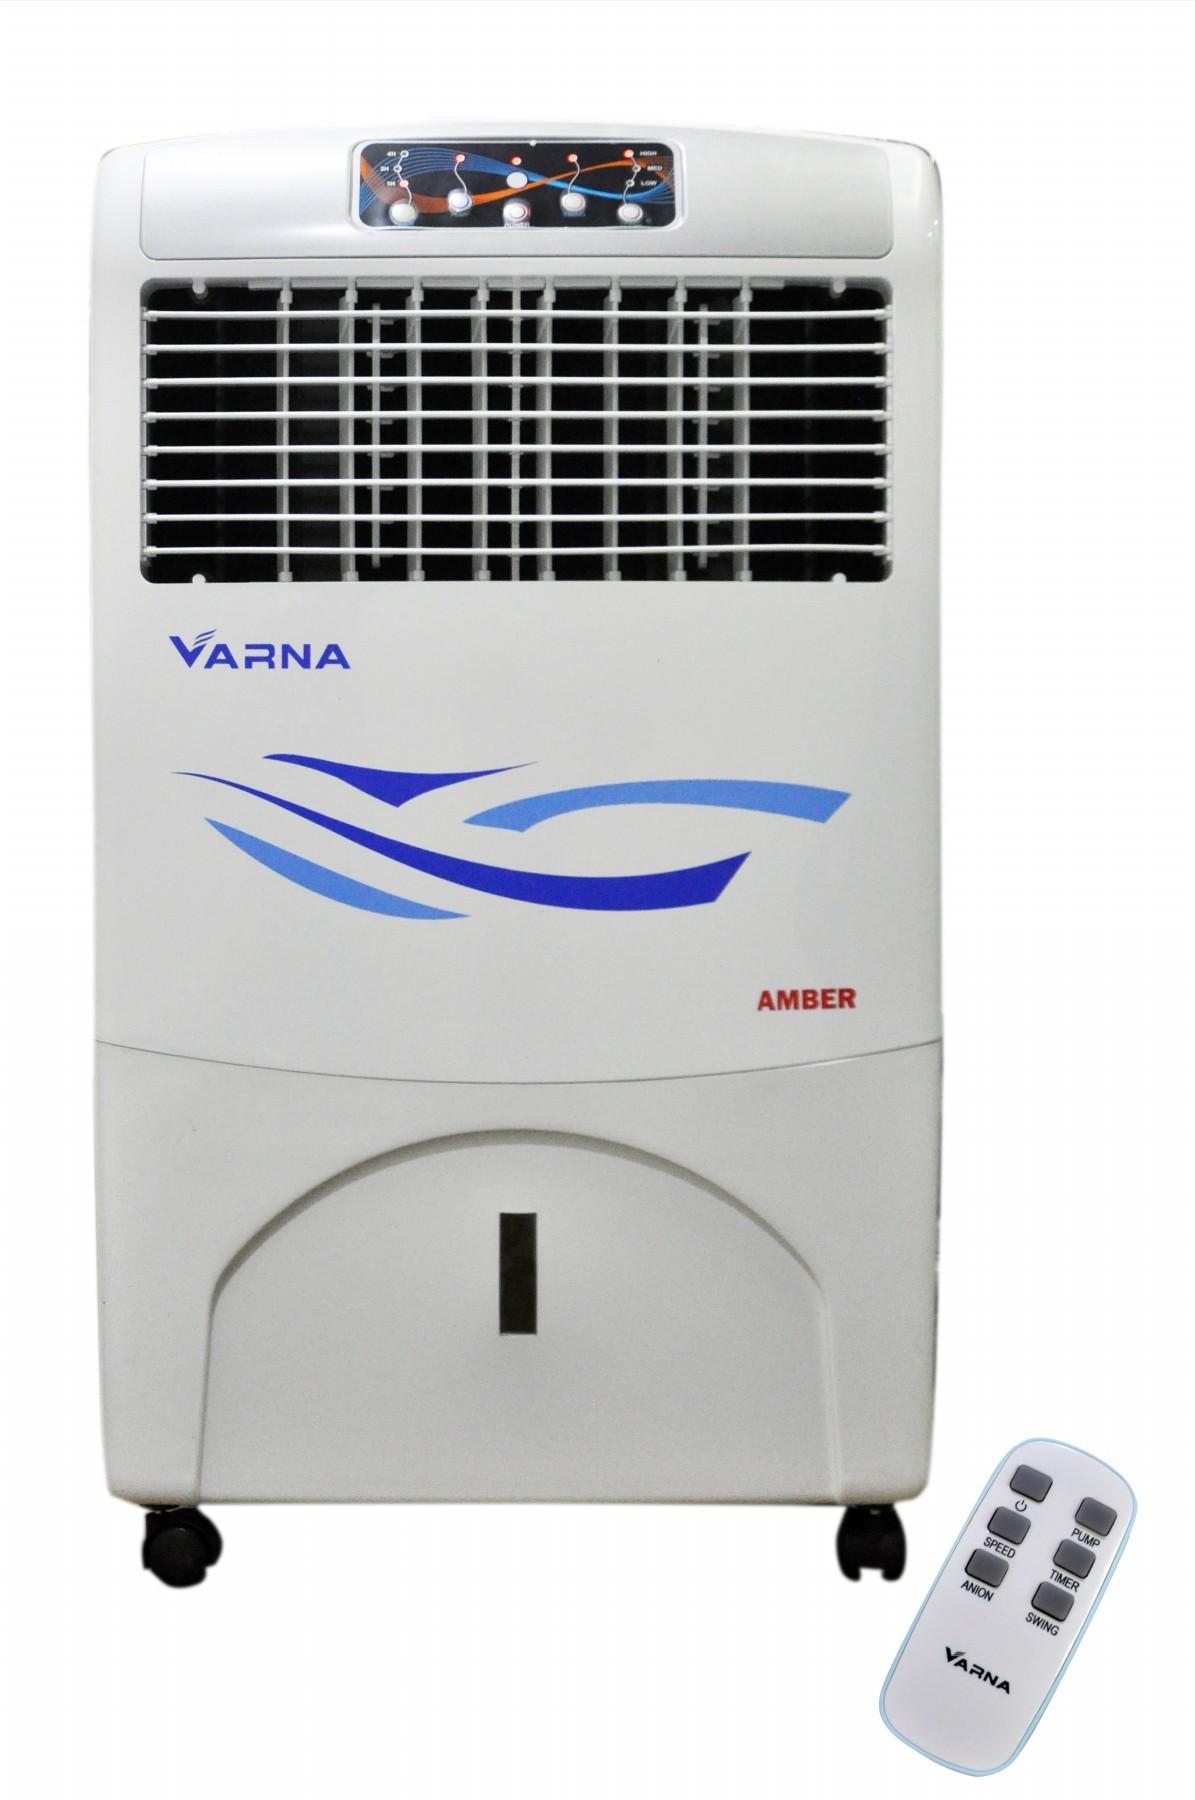 Varna AMBER Personal Air Cooler Image